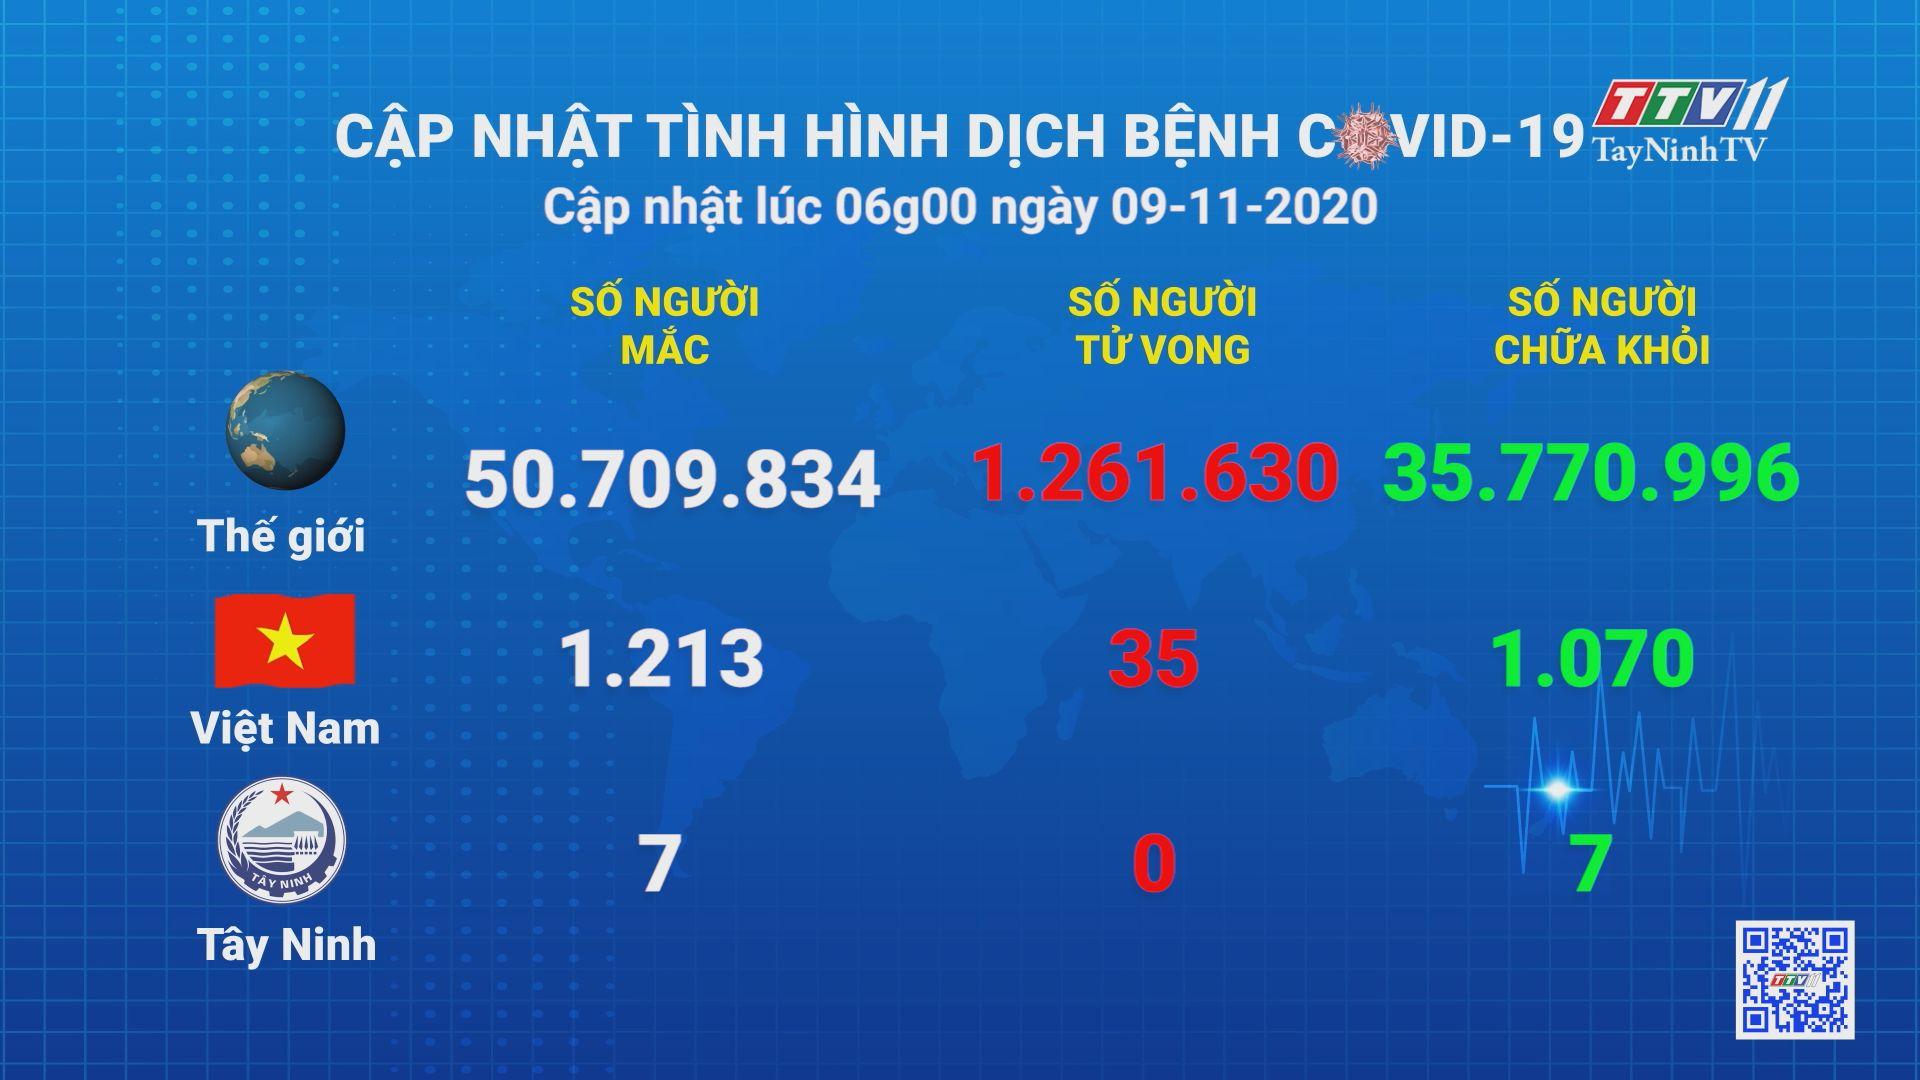 Cập nhật tình hình Covid-19 vào lúc 06 giờ 09-11-2020 | Thông tin dịch Covid-19 | TayNinhTV